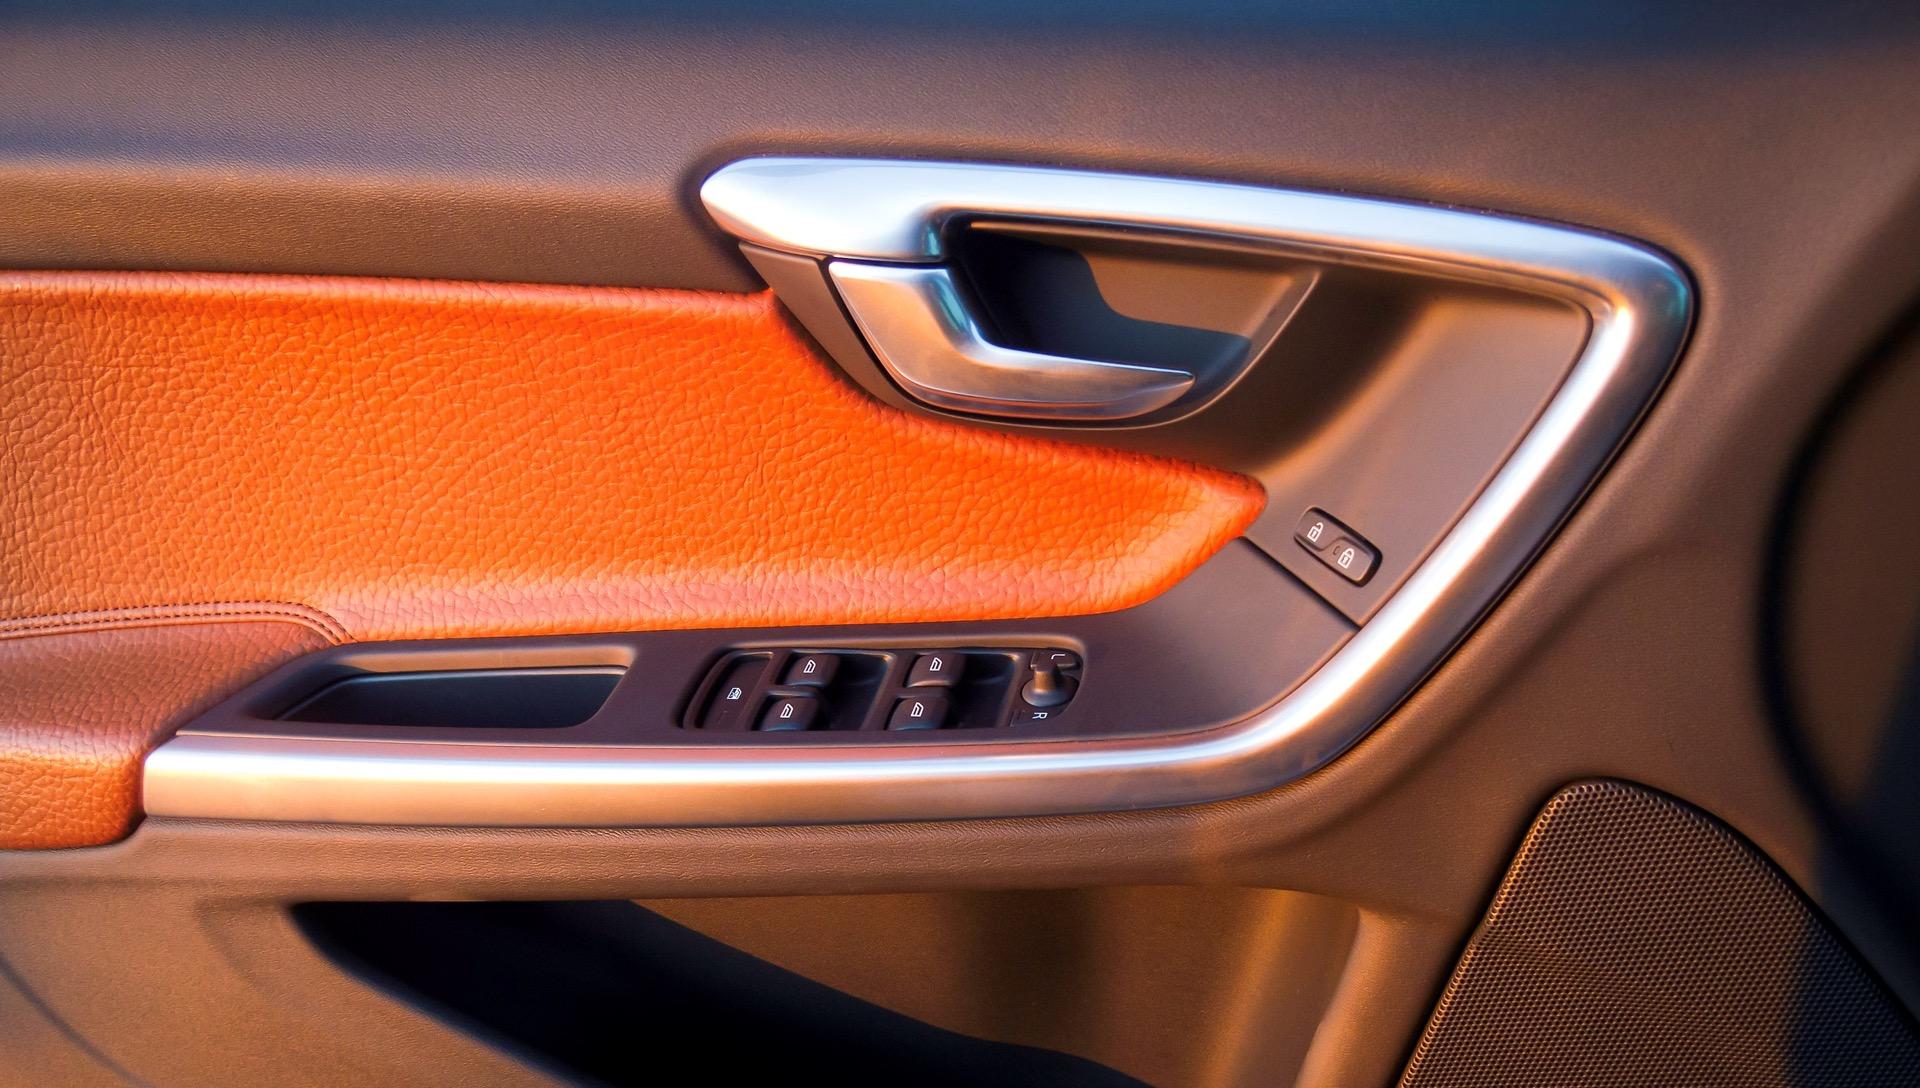 S60 T6 Awd Interior Door Handle Detail -  Volvo